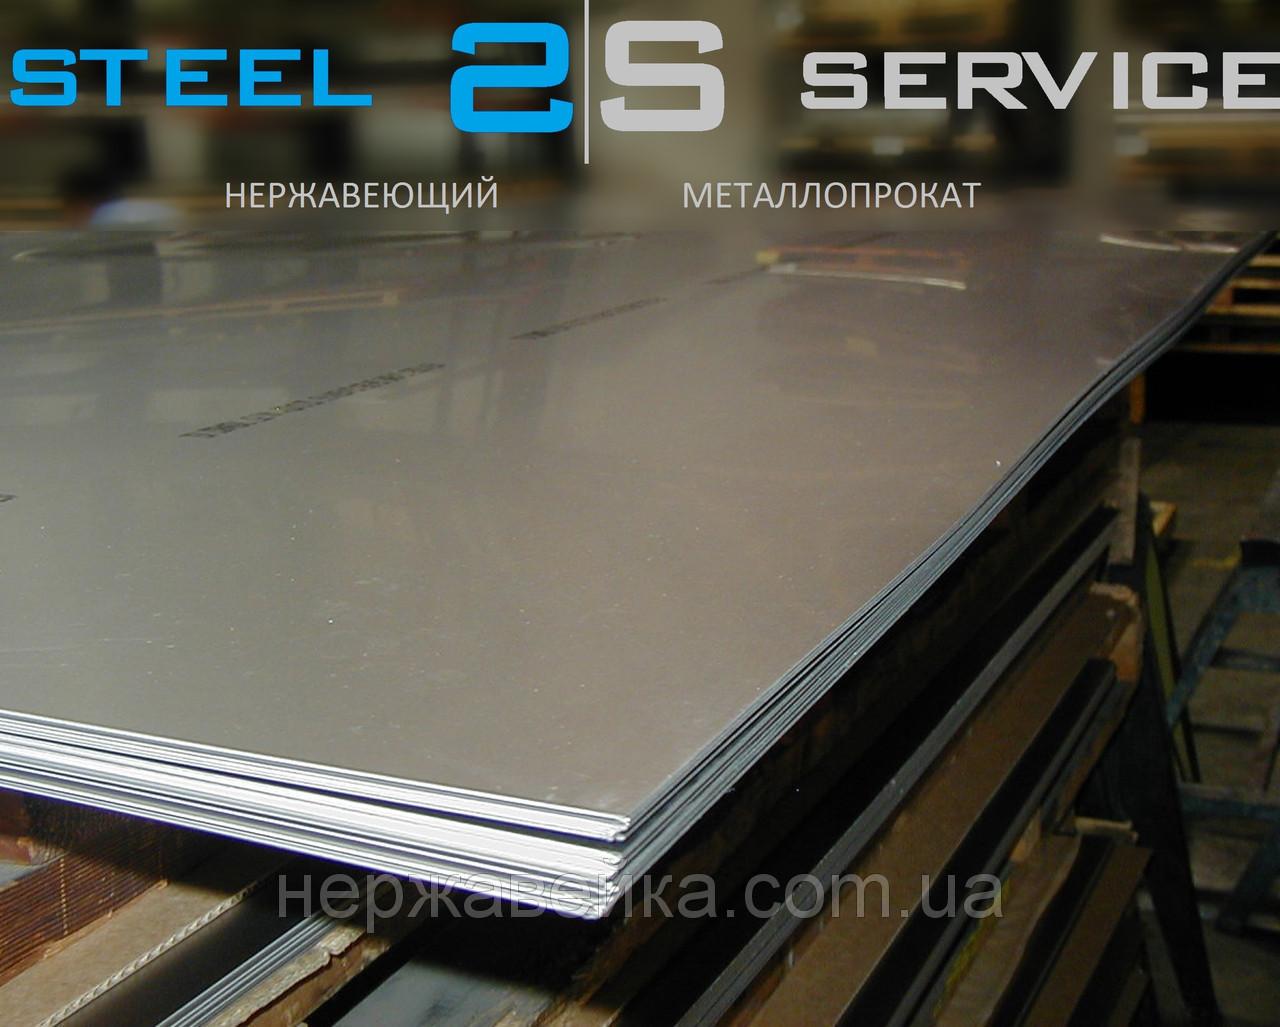 Нержавейка лист 90х1500х3000мм  AISI 321(08Х18Н10Т) F1 - горячекатанный, пищевой